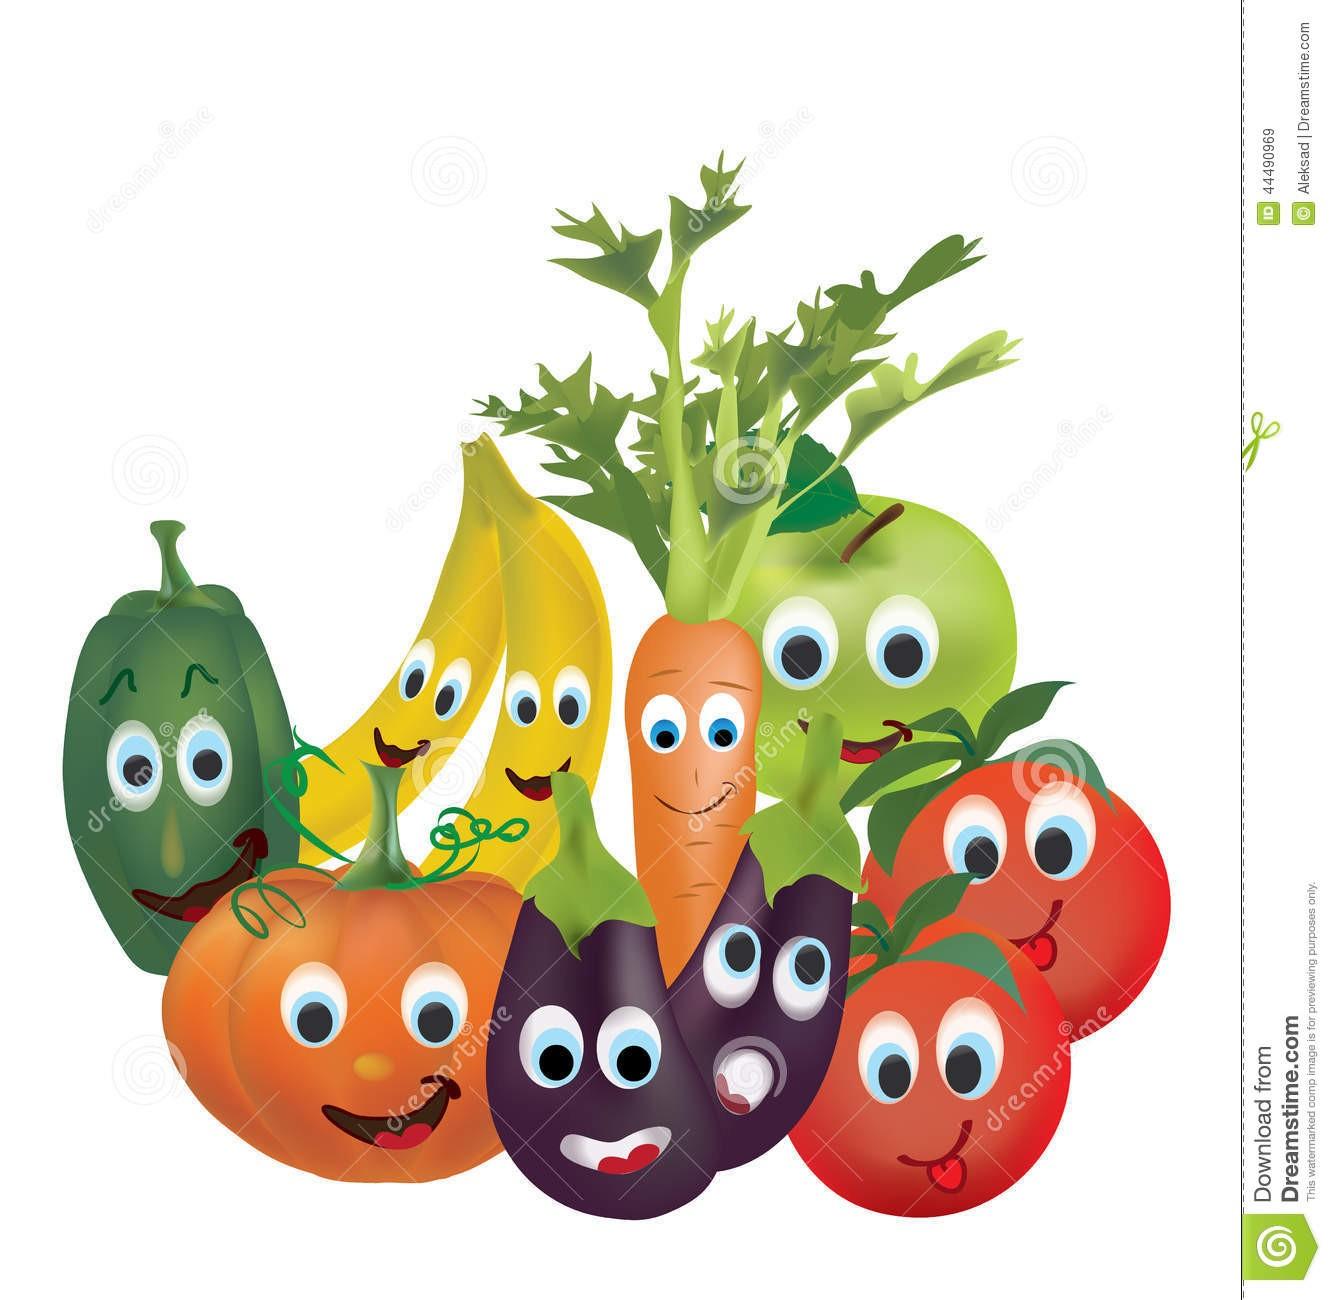 Trouvez l'astuce et répondez en anglais - Les légumes